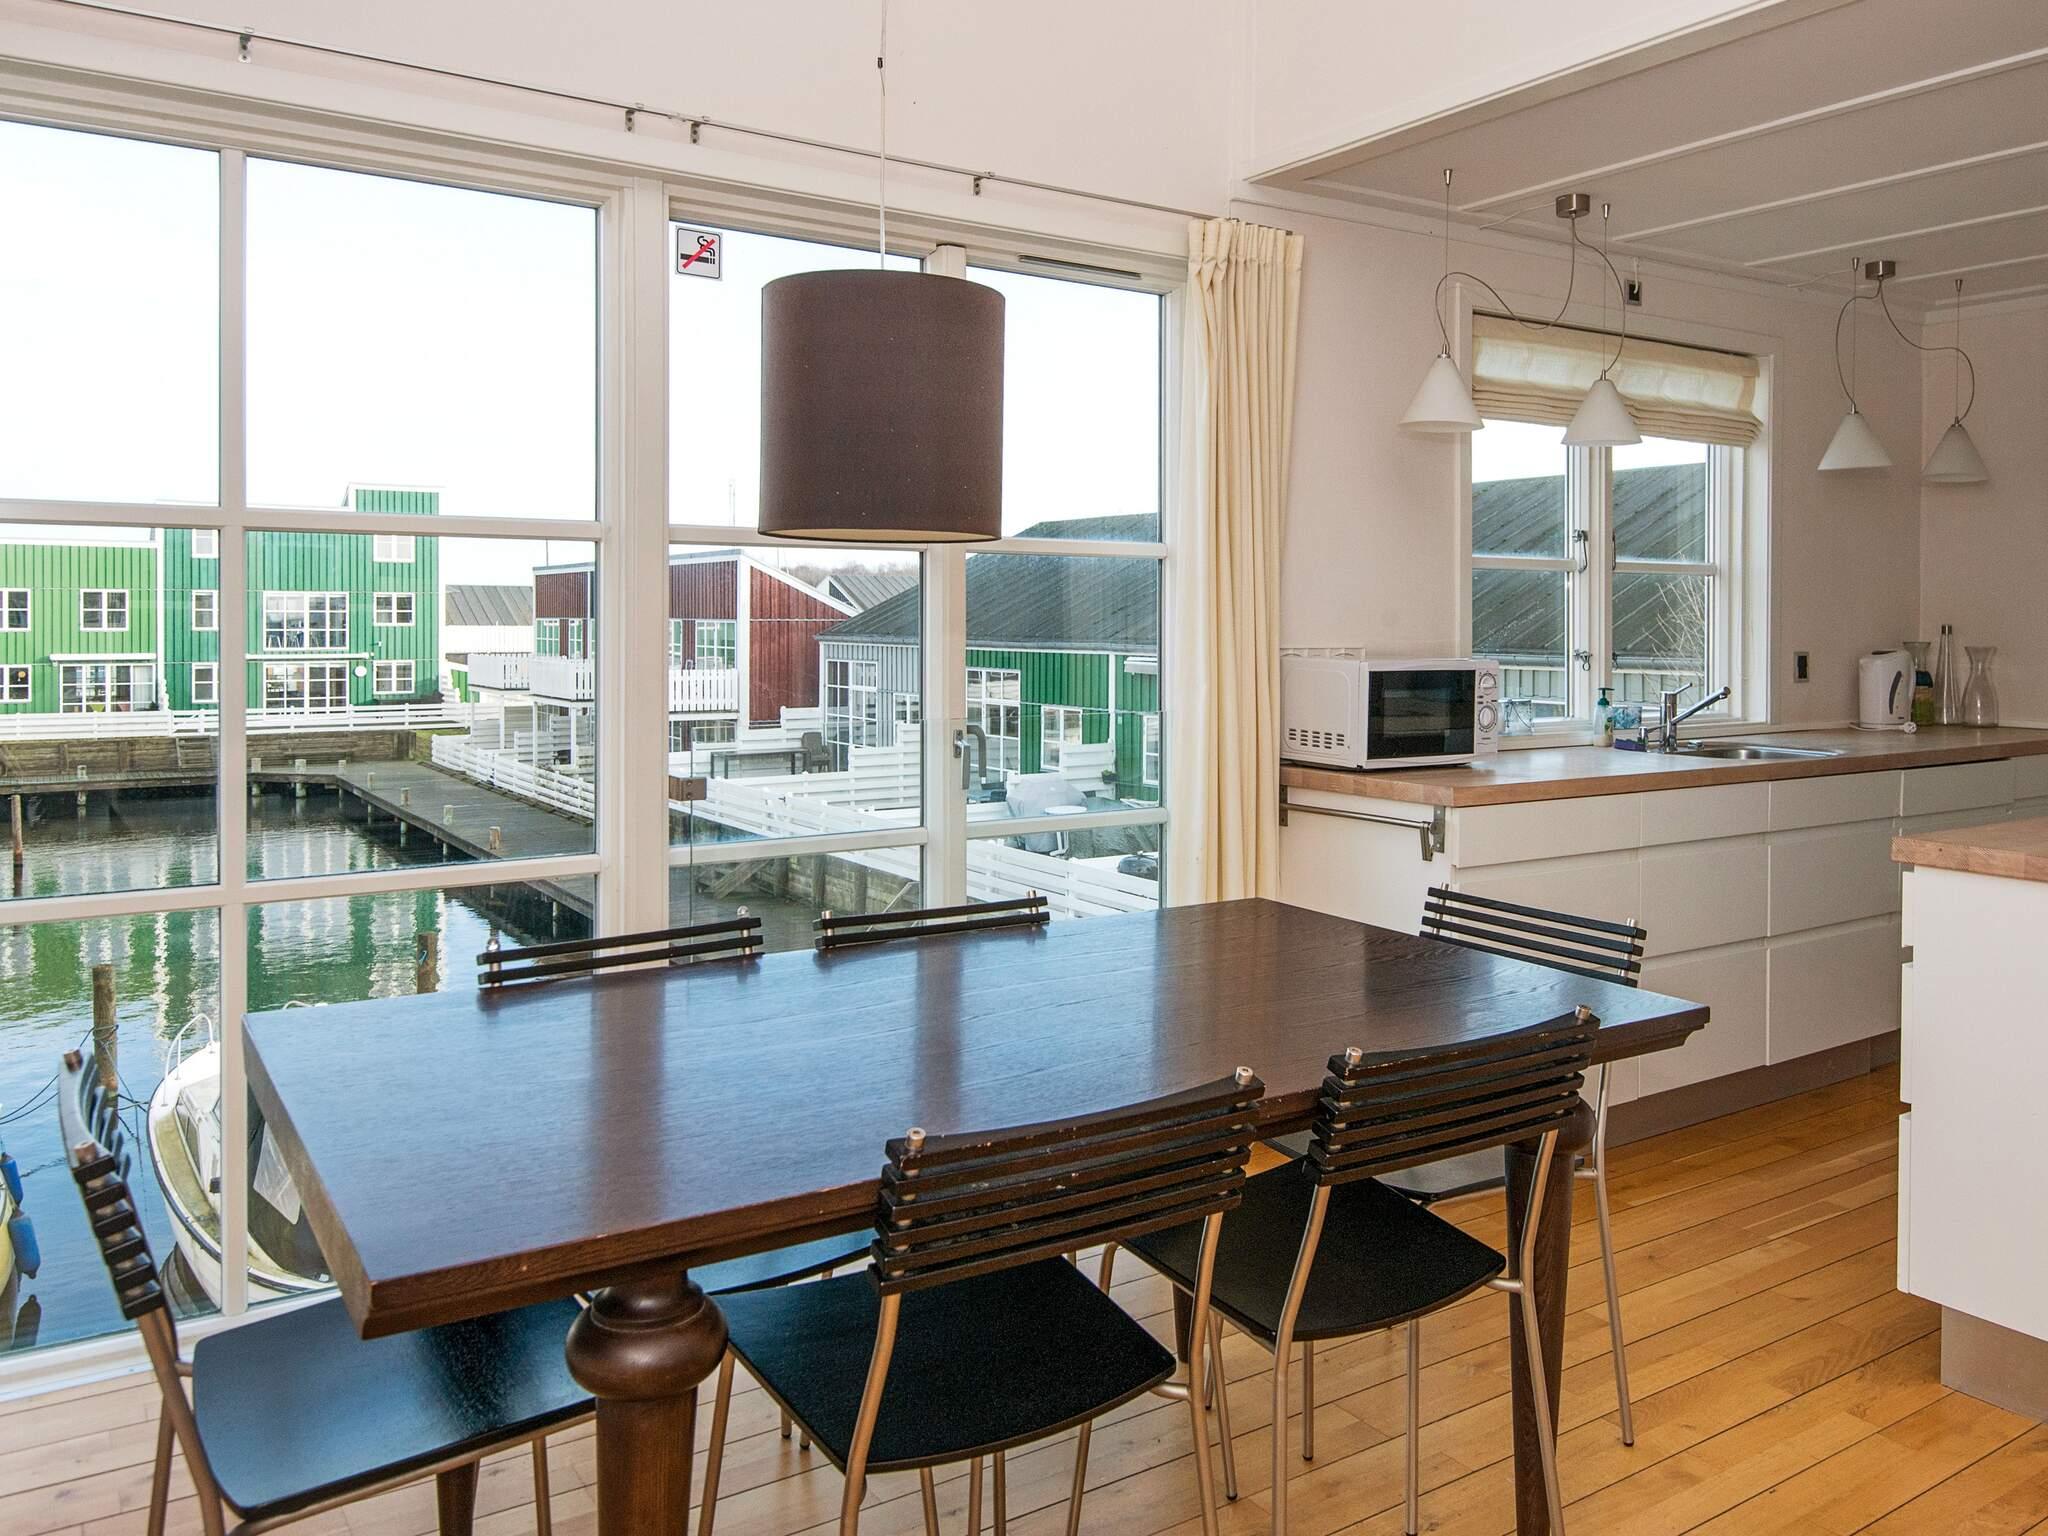 Ferienwohnung Øer Maritime Ferieby - Typ 3 - 3 Zimmer,Erdgeschoss (1087164), Øerne, , Dänische Ostsee, Dänemark, Bild 4